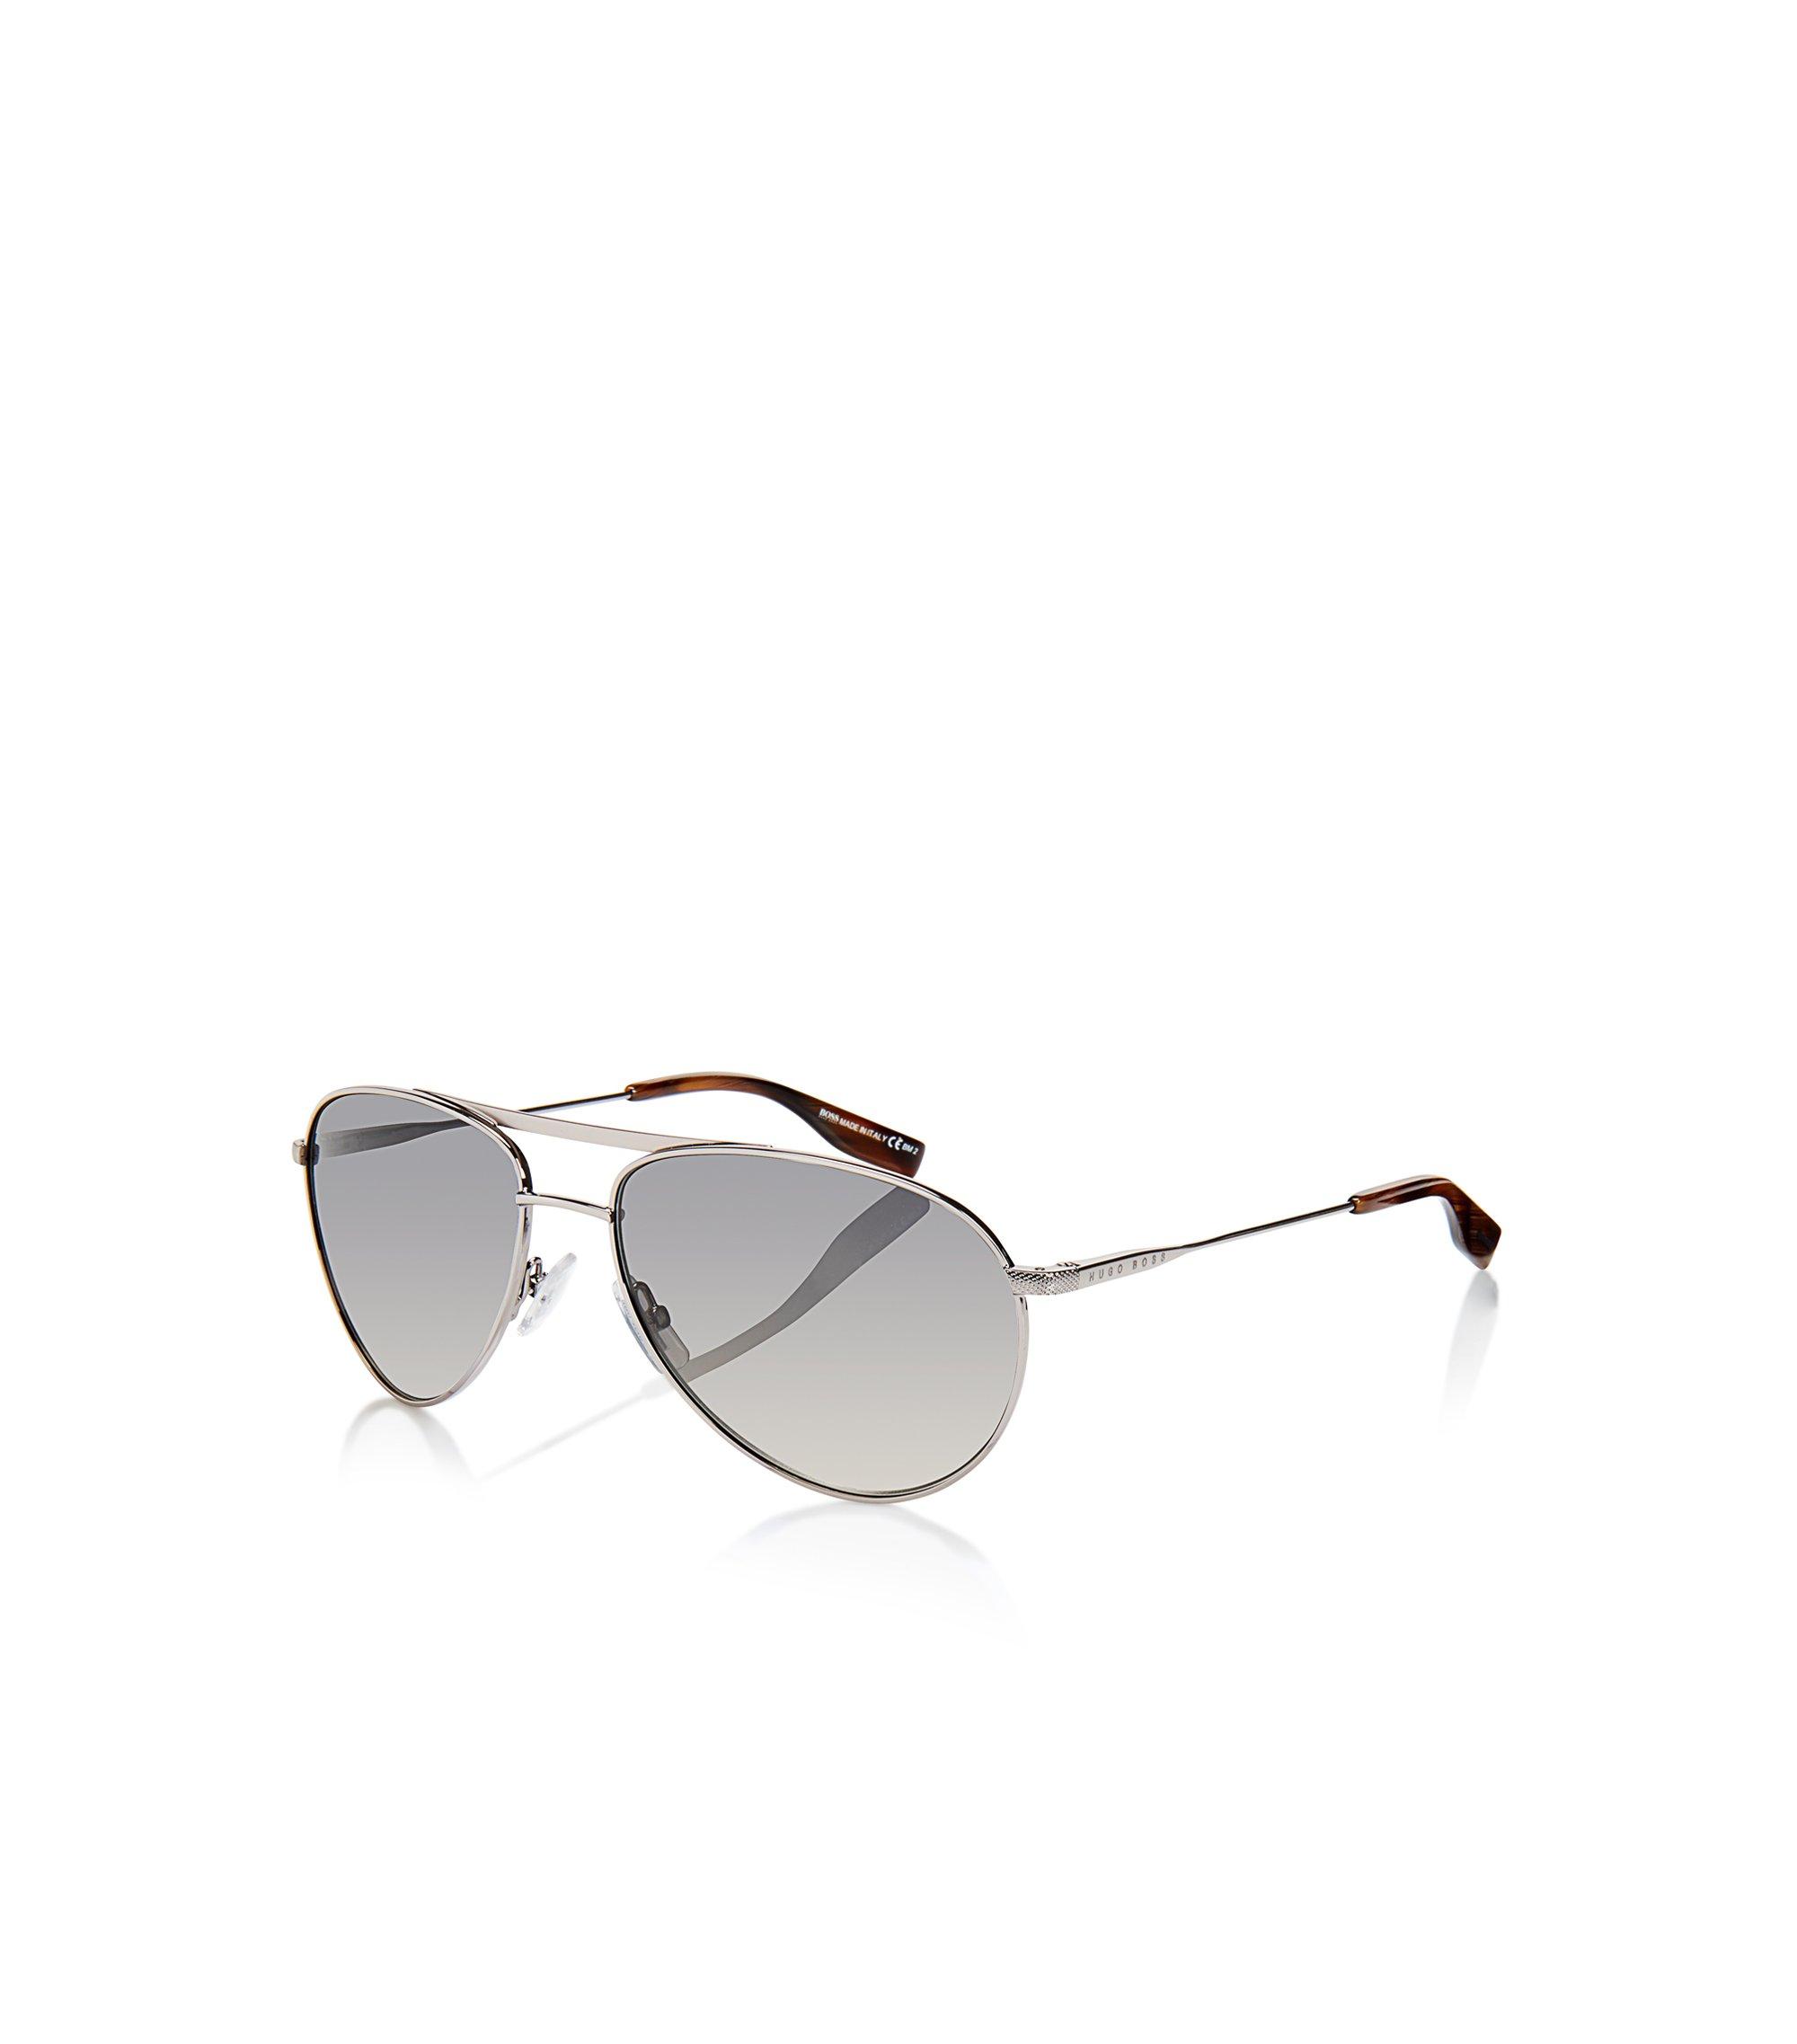 Grey Lens Flex Hinge Aviator Sunglasses | Sunglasses, Assorted-Pre-Pack